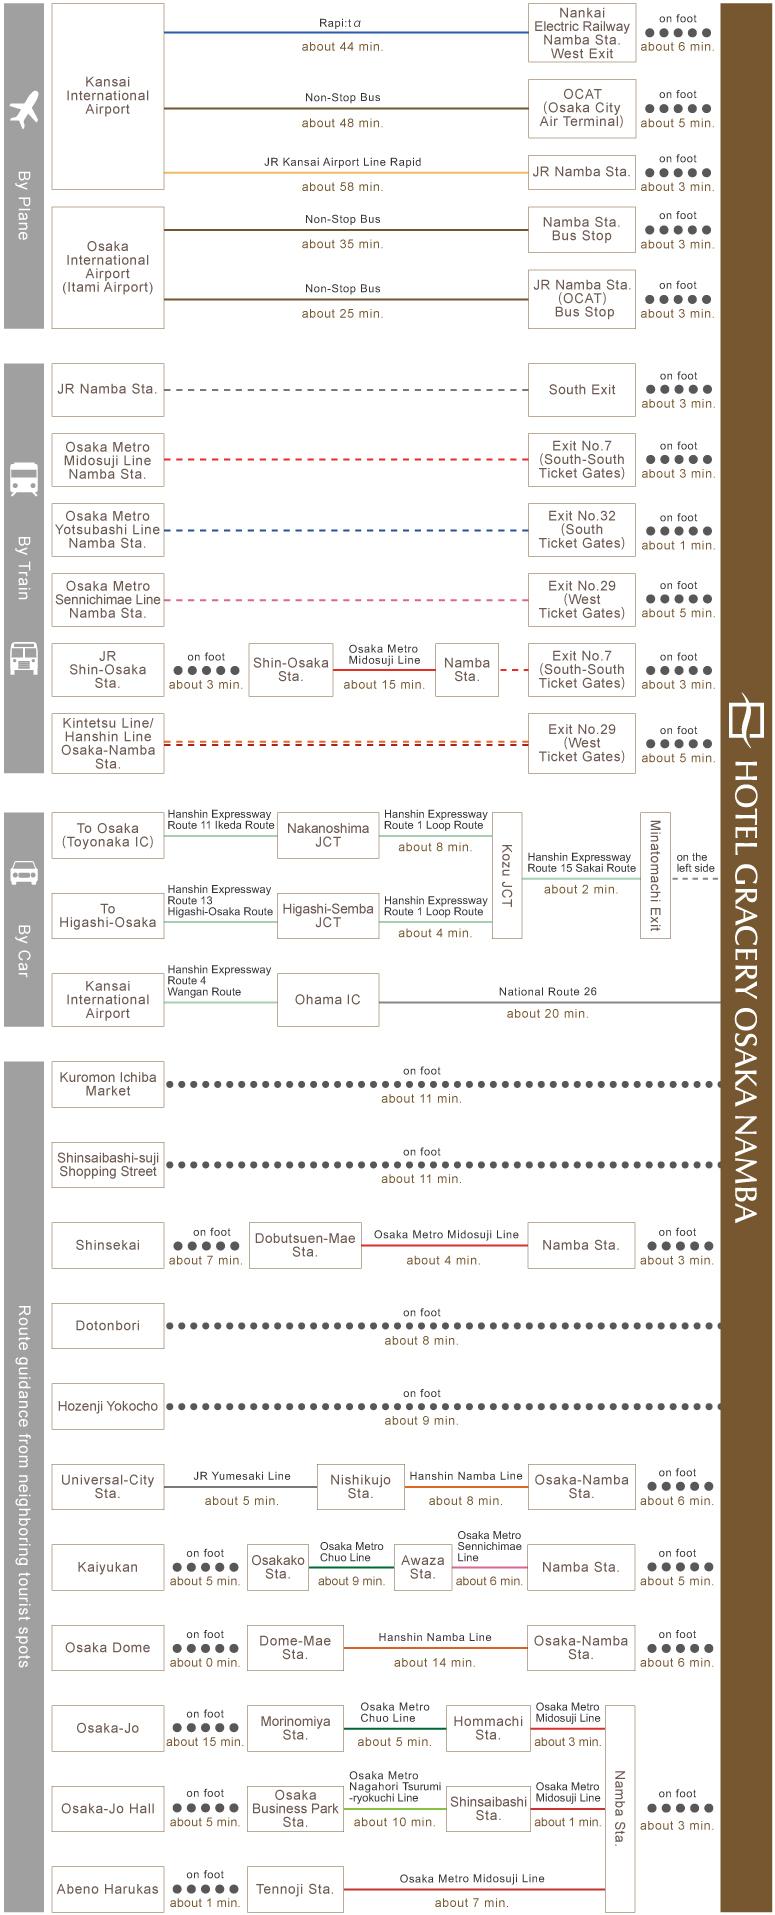 chart_eng_osaka_namba_gwh